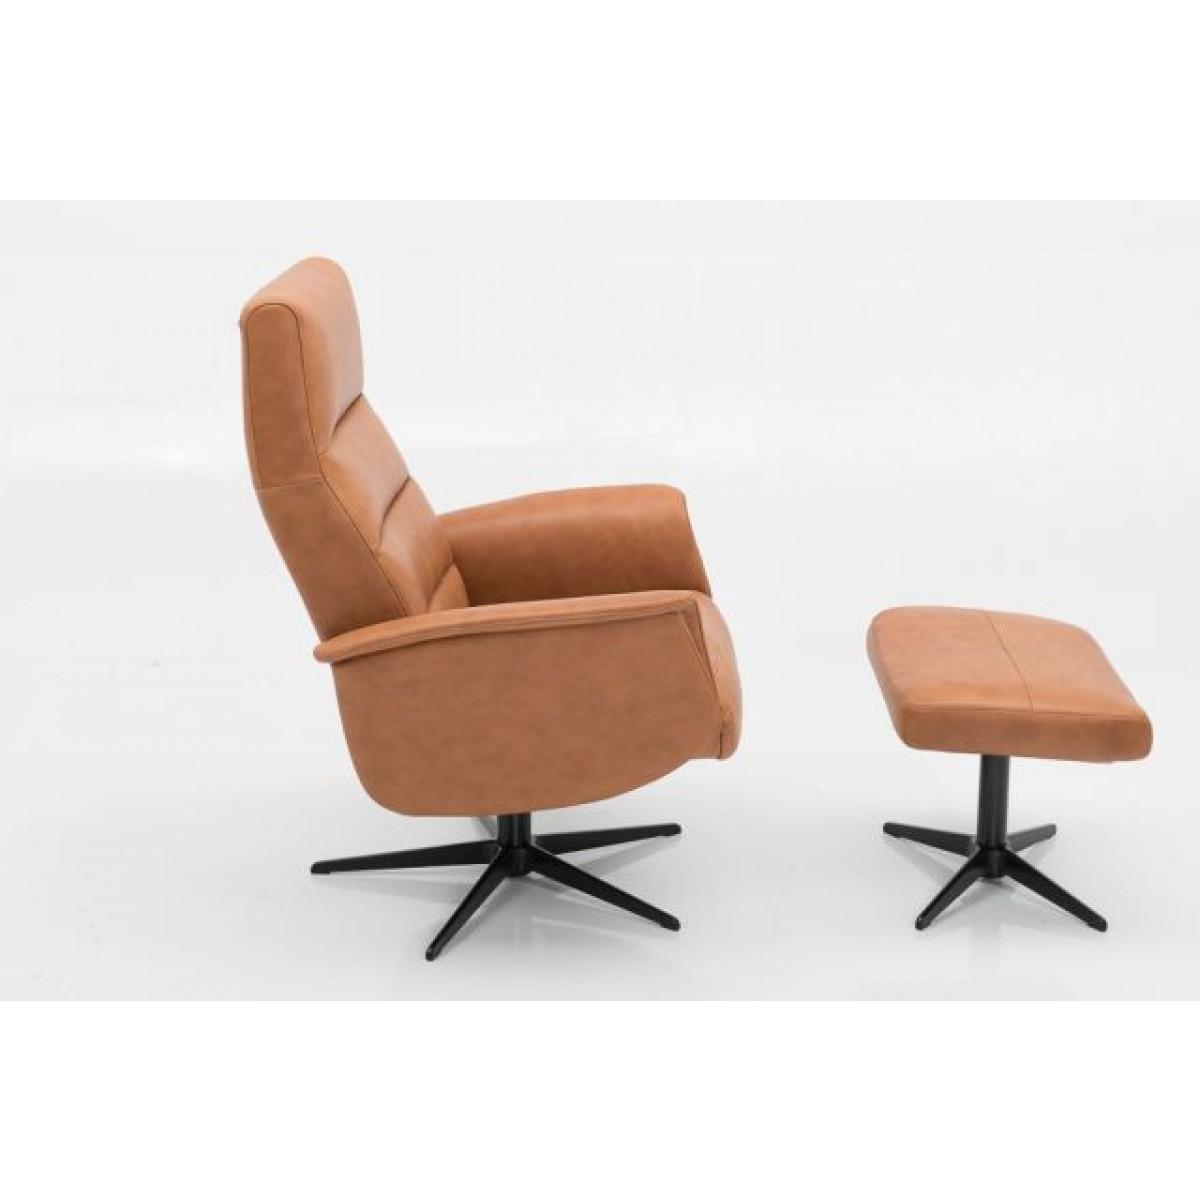 dixon-draaifauteuil-relax-fauteuil-hjort-knudsen-semi-analin-leer-zijkant